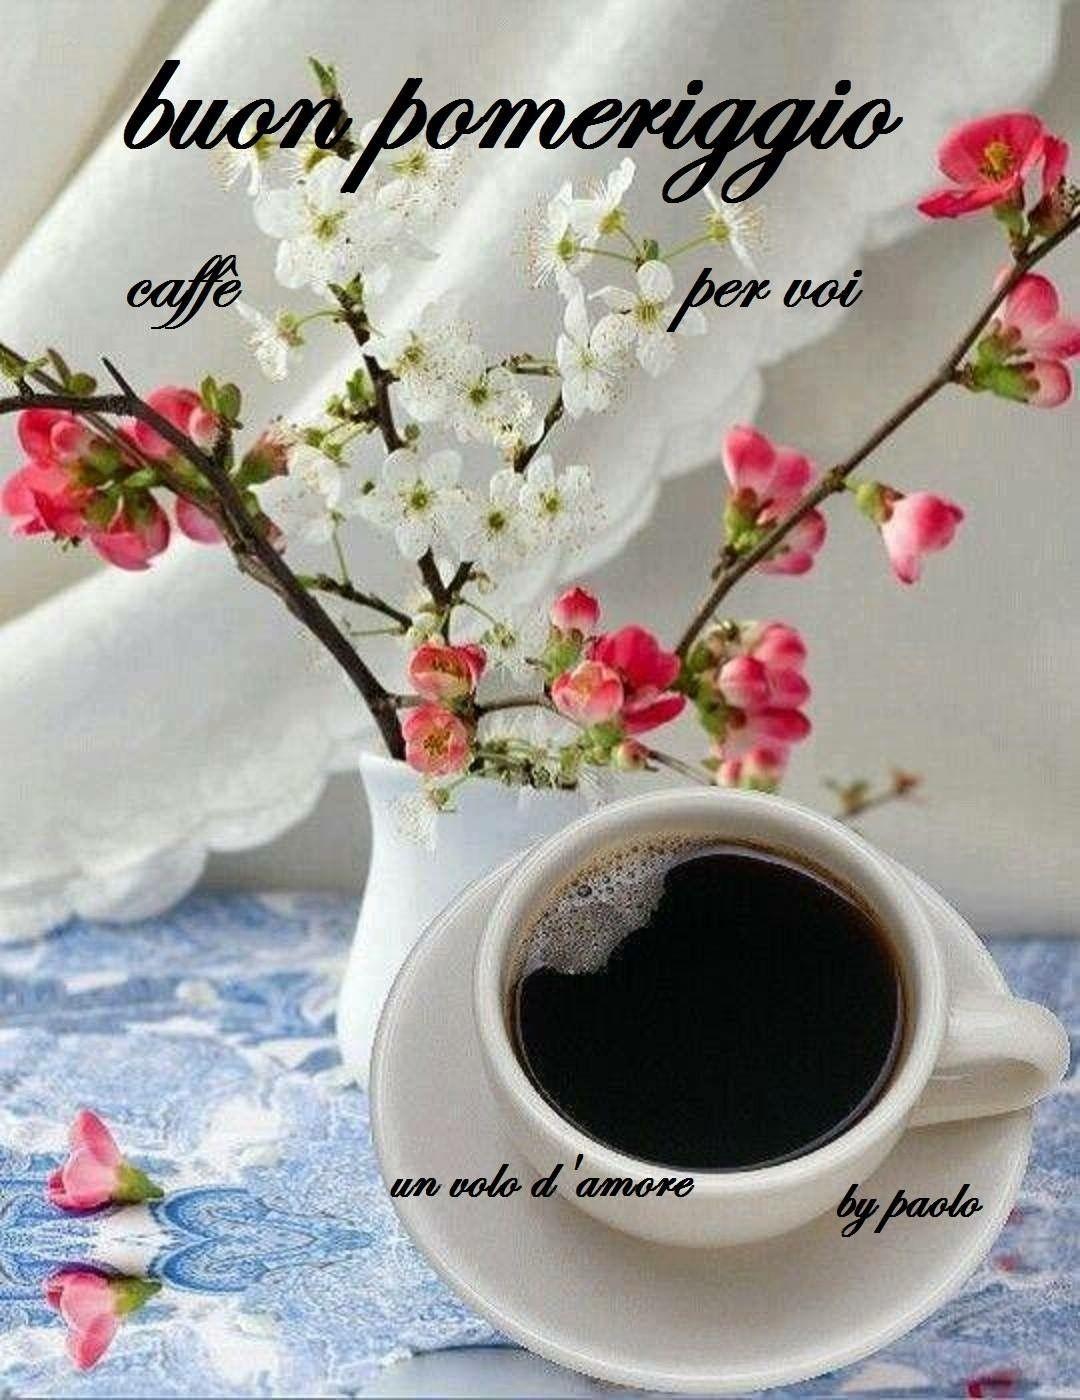 Buon pomeriggio un caffè per voi